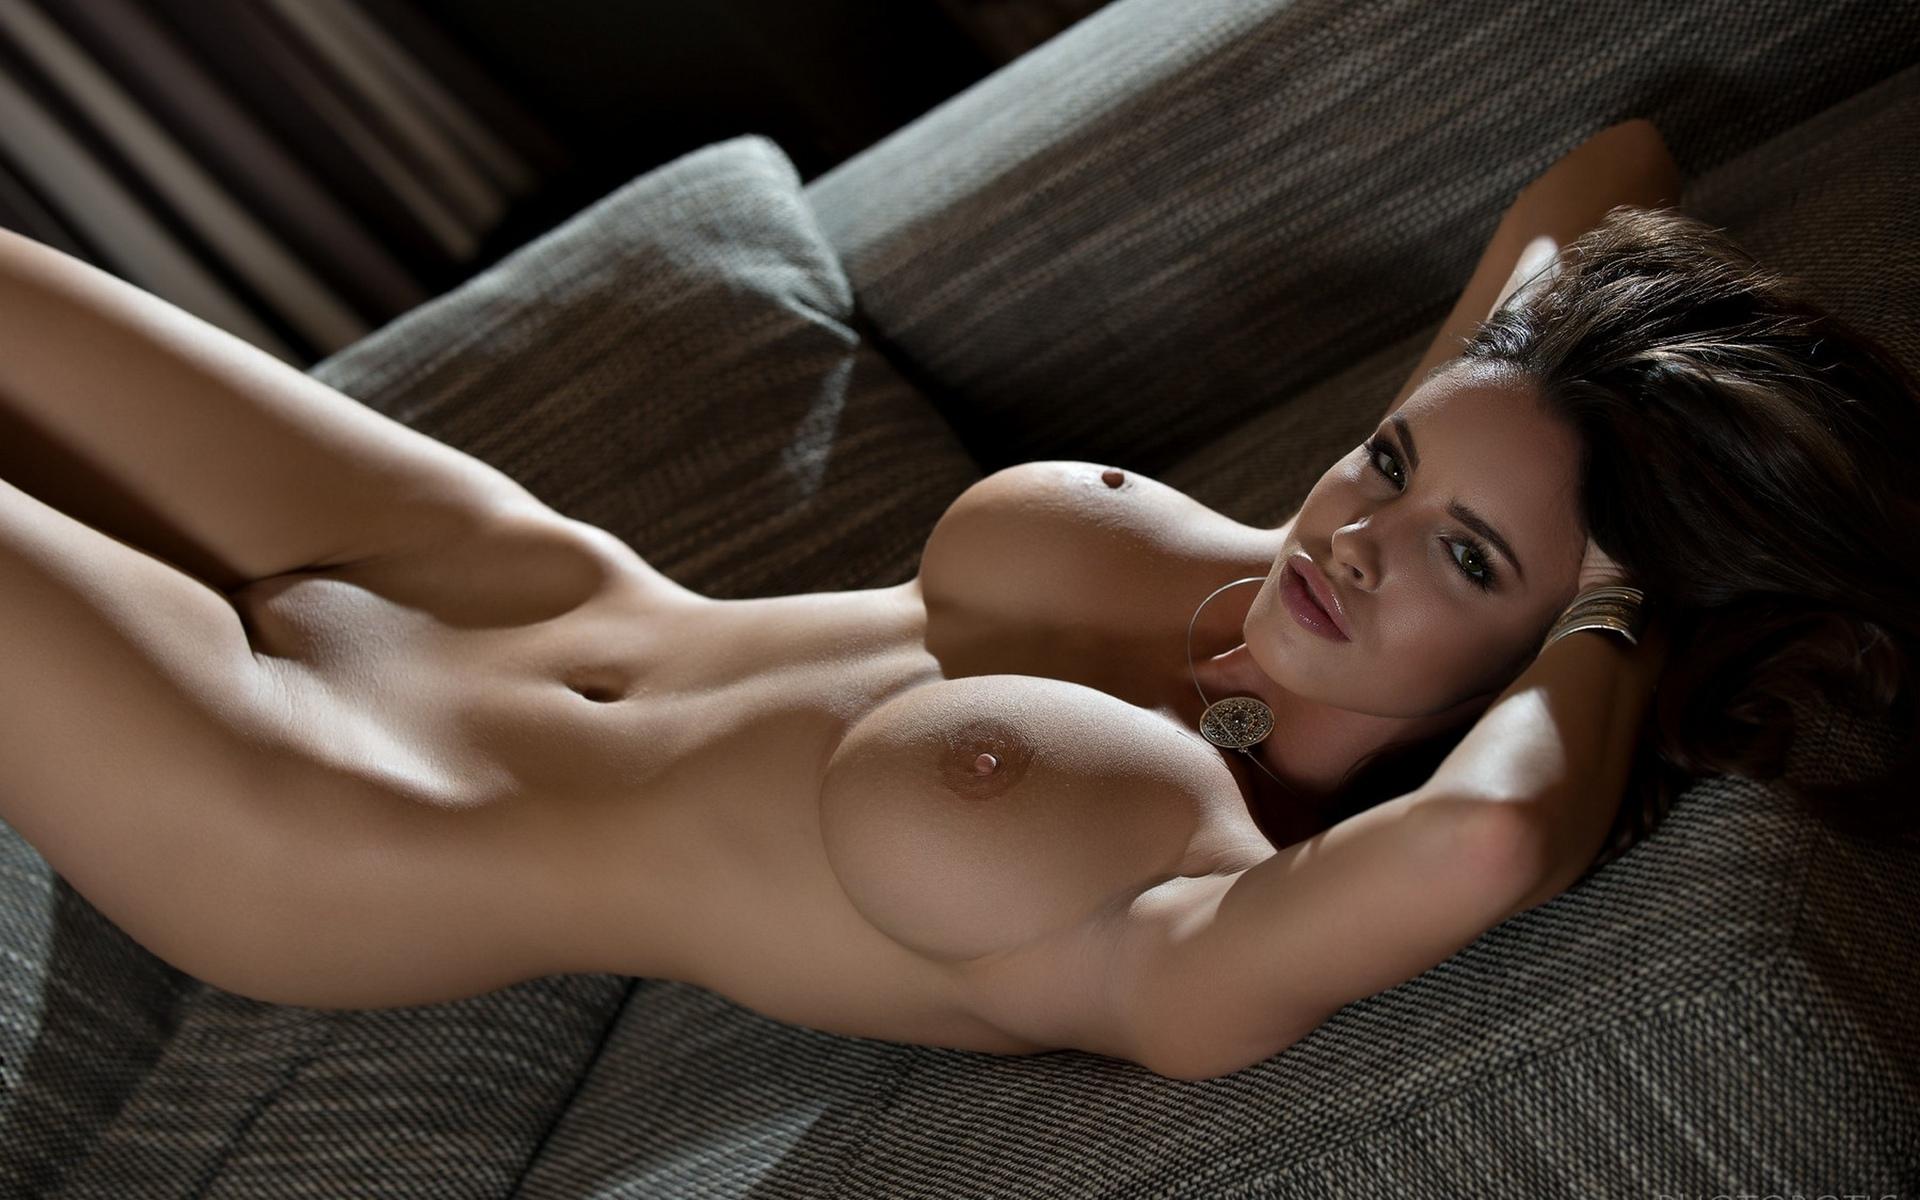 идеальное голое тело богатой девушки фото ютуб - 14